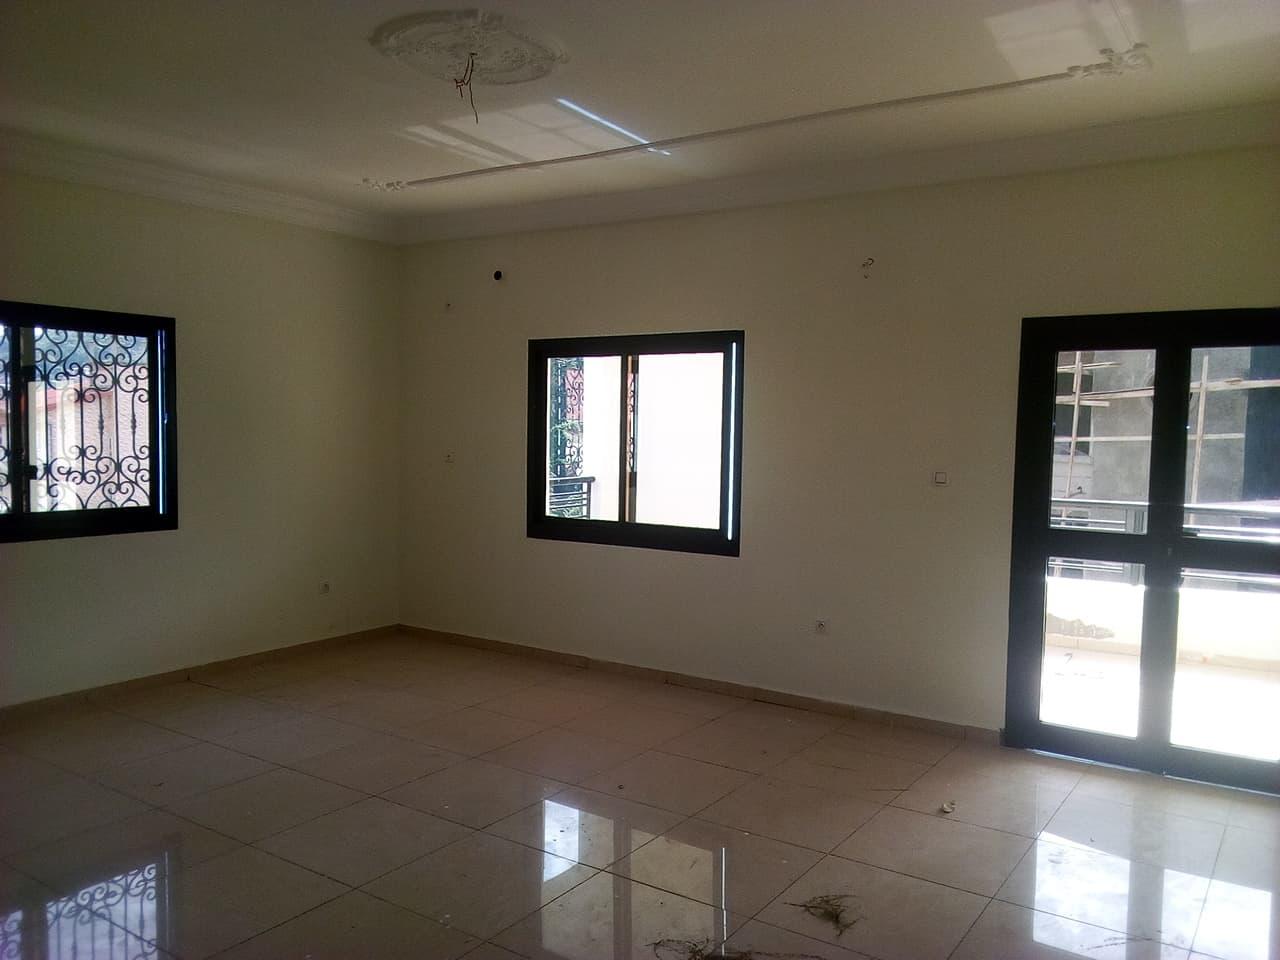 Bureau à louer à Yaoundé, Bastos, pas loin du golf (immeuble neuf de 18 appartements avec ascenceur -  m2 - 18 000 000 FCFA